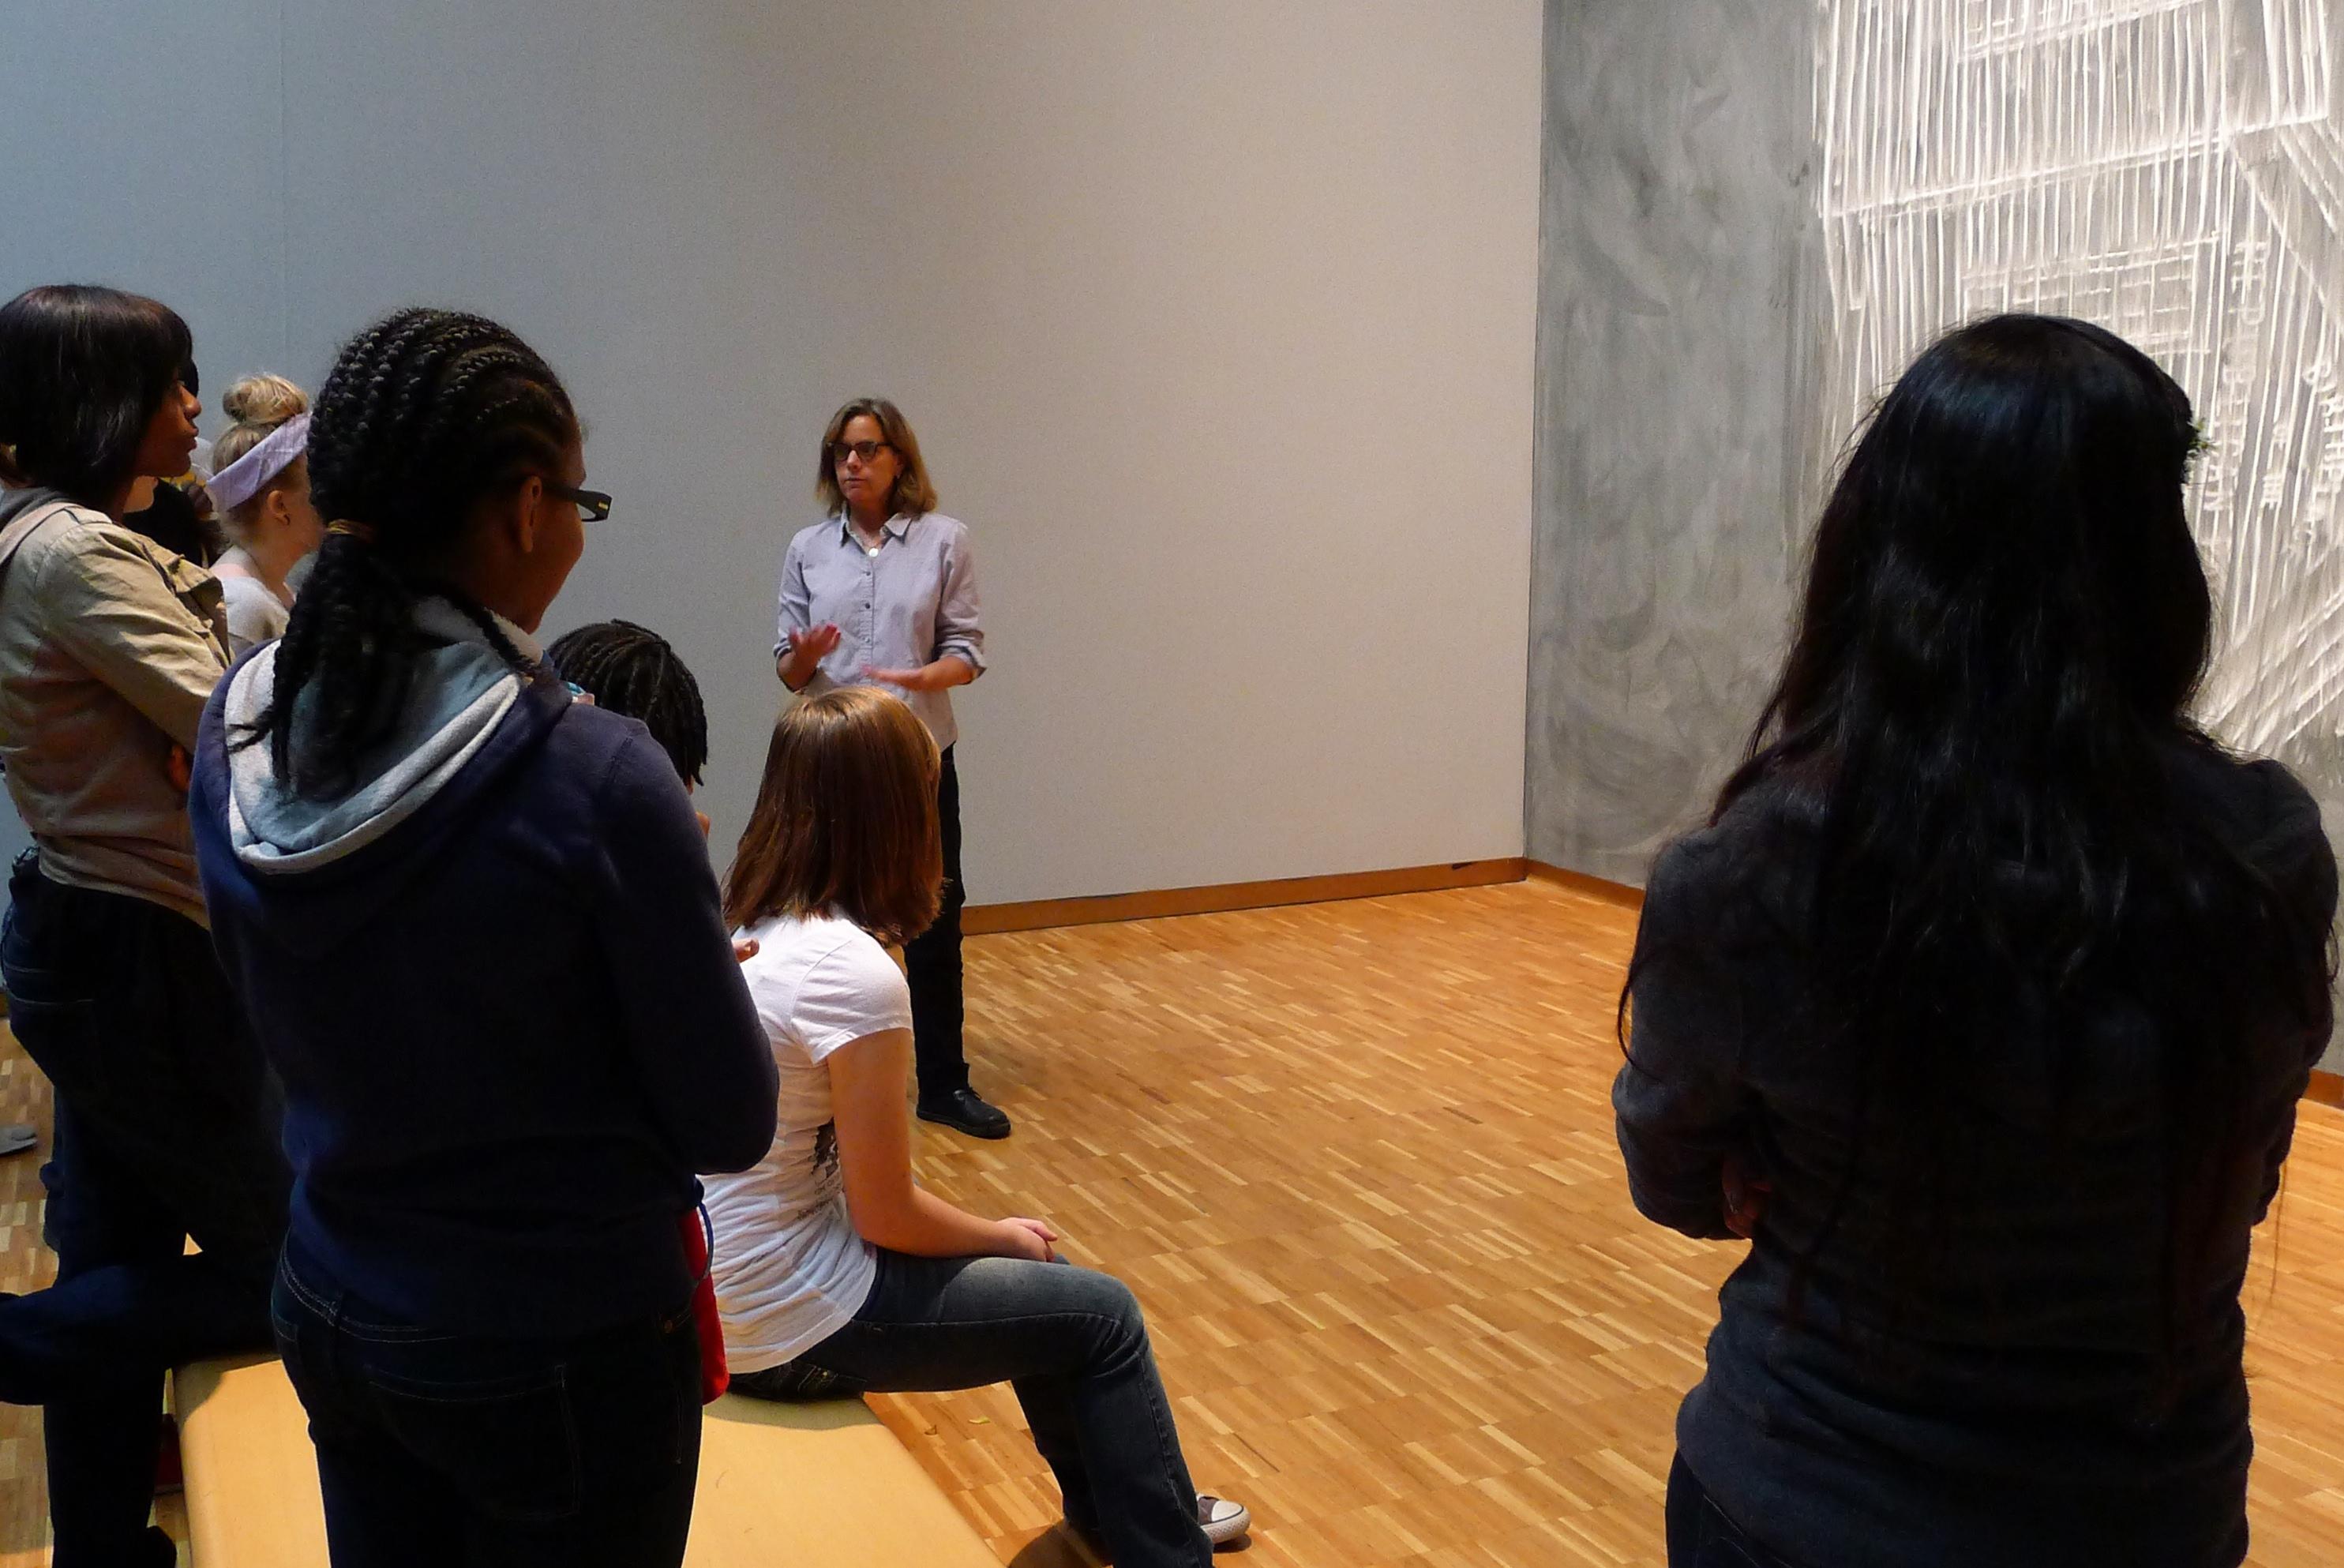 Lynne Shurnow teaches a class.